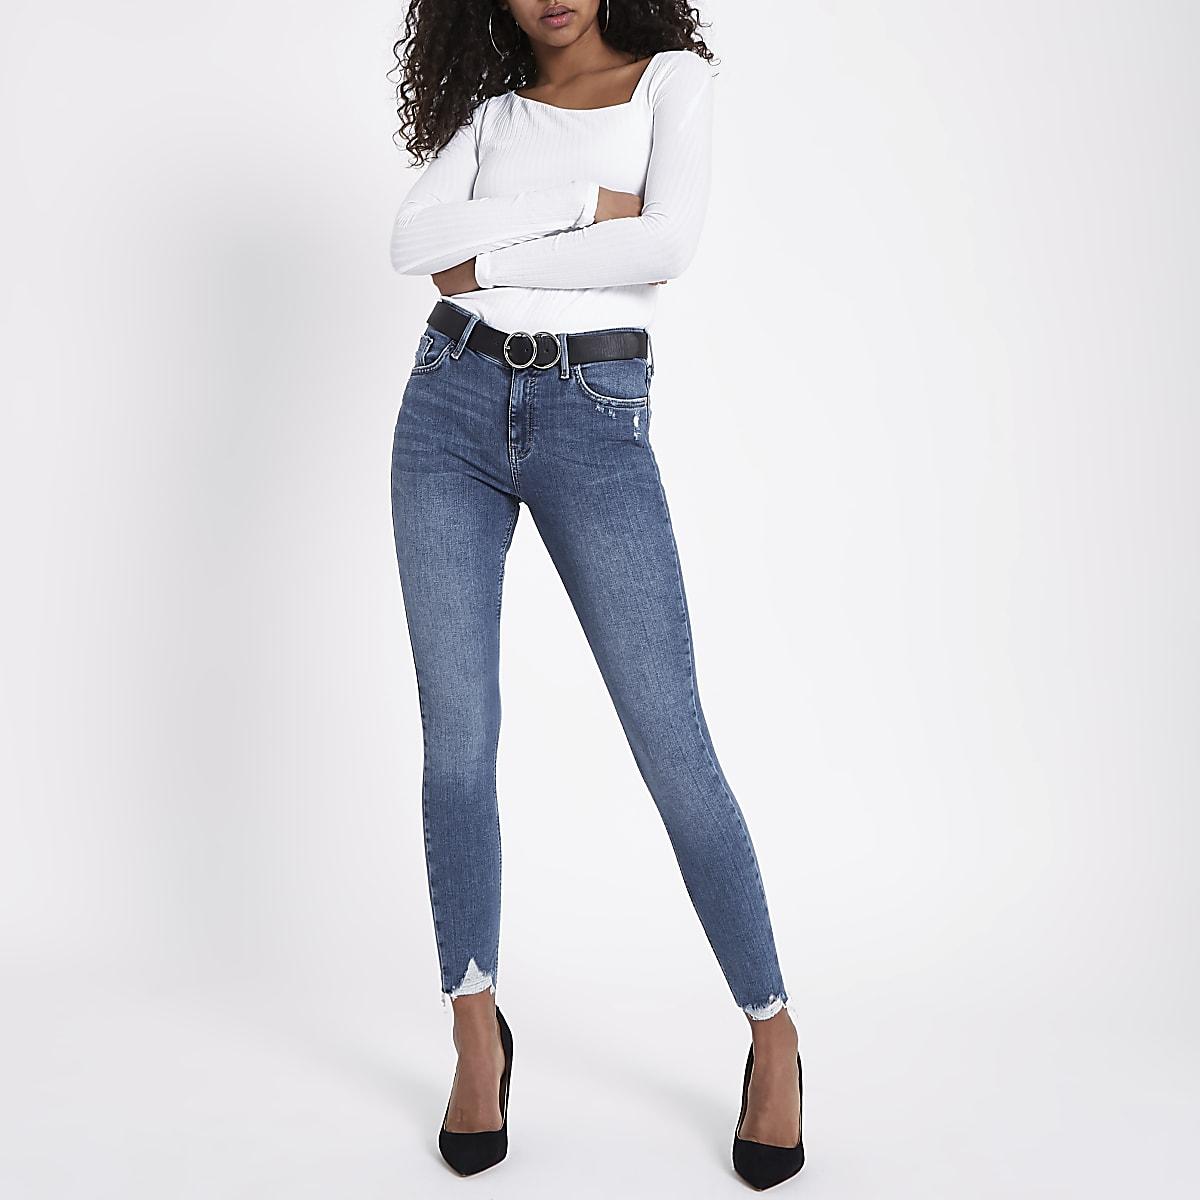 5cdd0079eba76c Amelie - Middenblauwe superskinny jeans met gerafelde zoom - Skinny ...